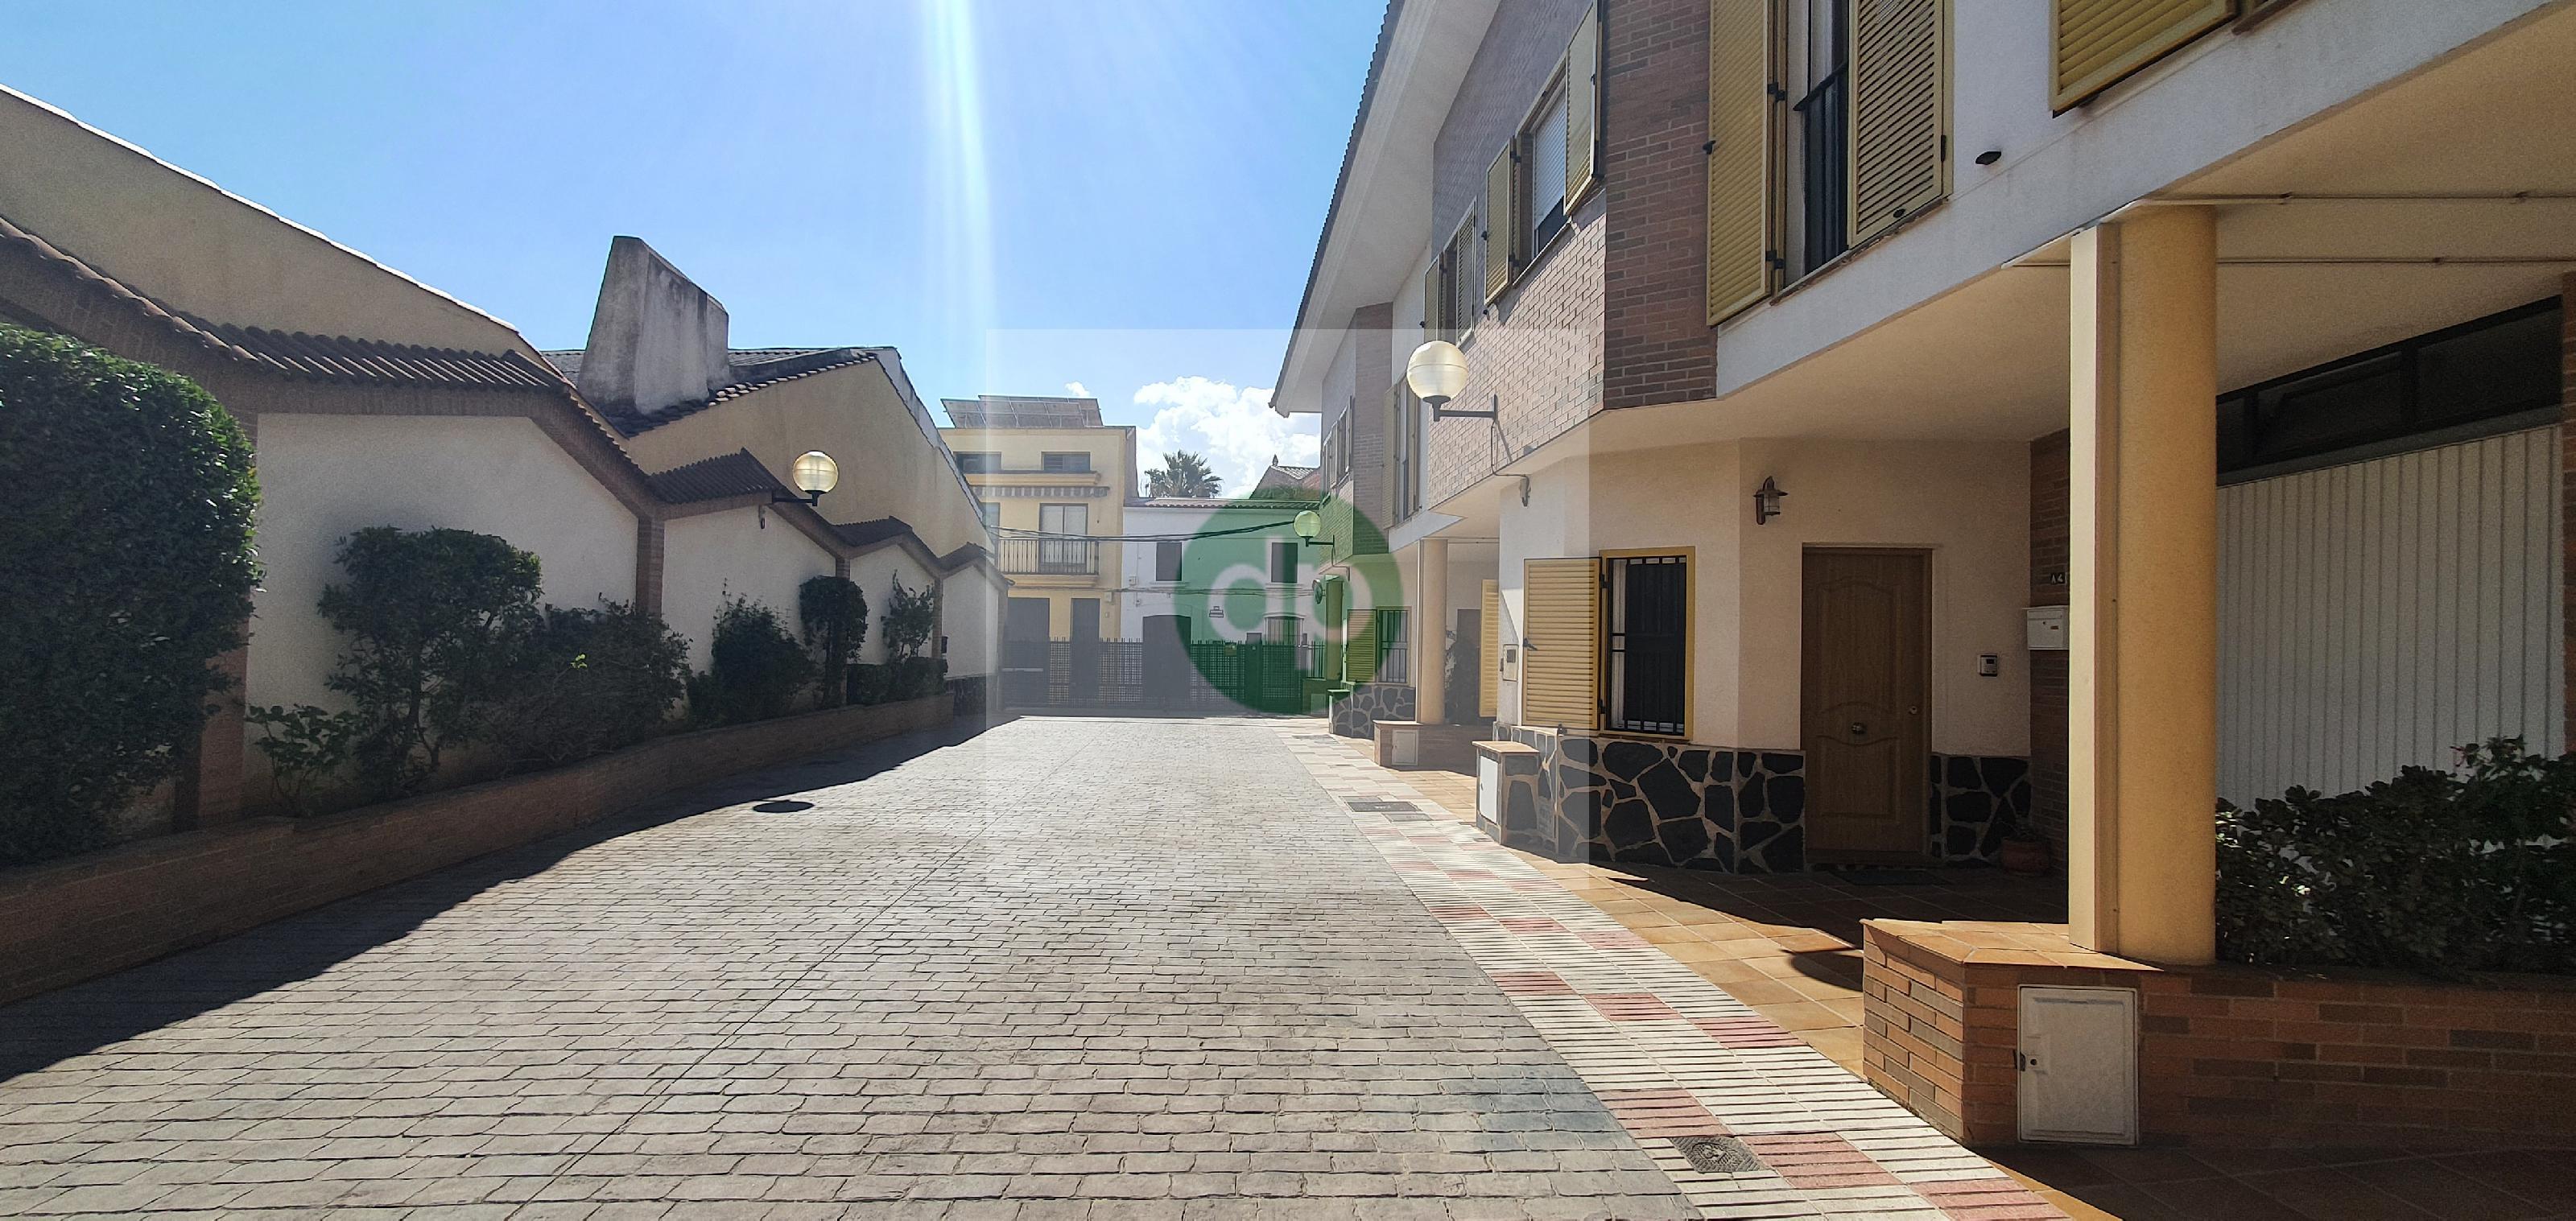 Imagen 3 Casa Adosada en venta en Villanueva De La Serena / Centrico, a pocos minutos de Plaza de E...